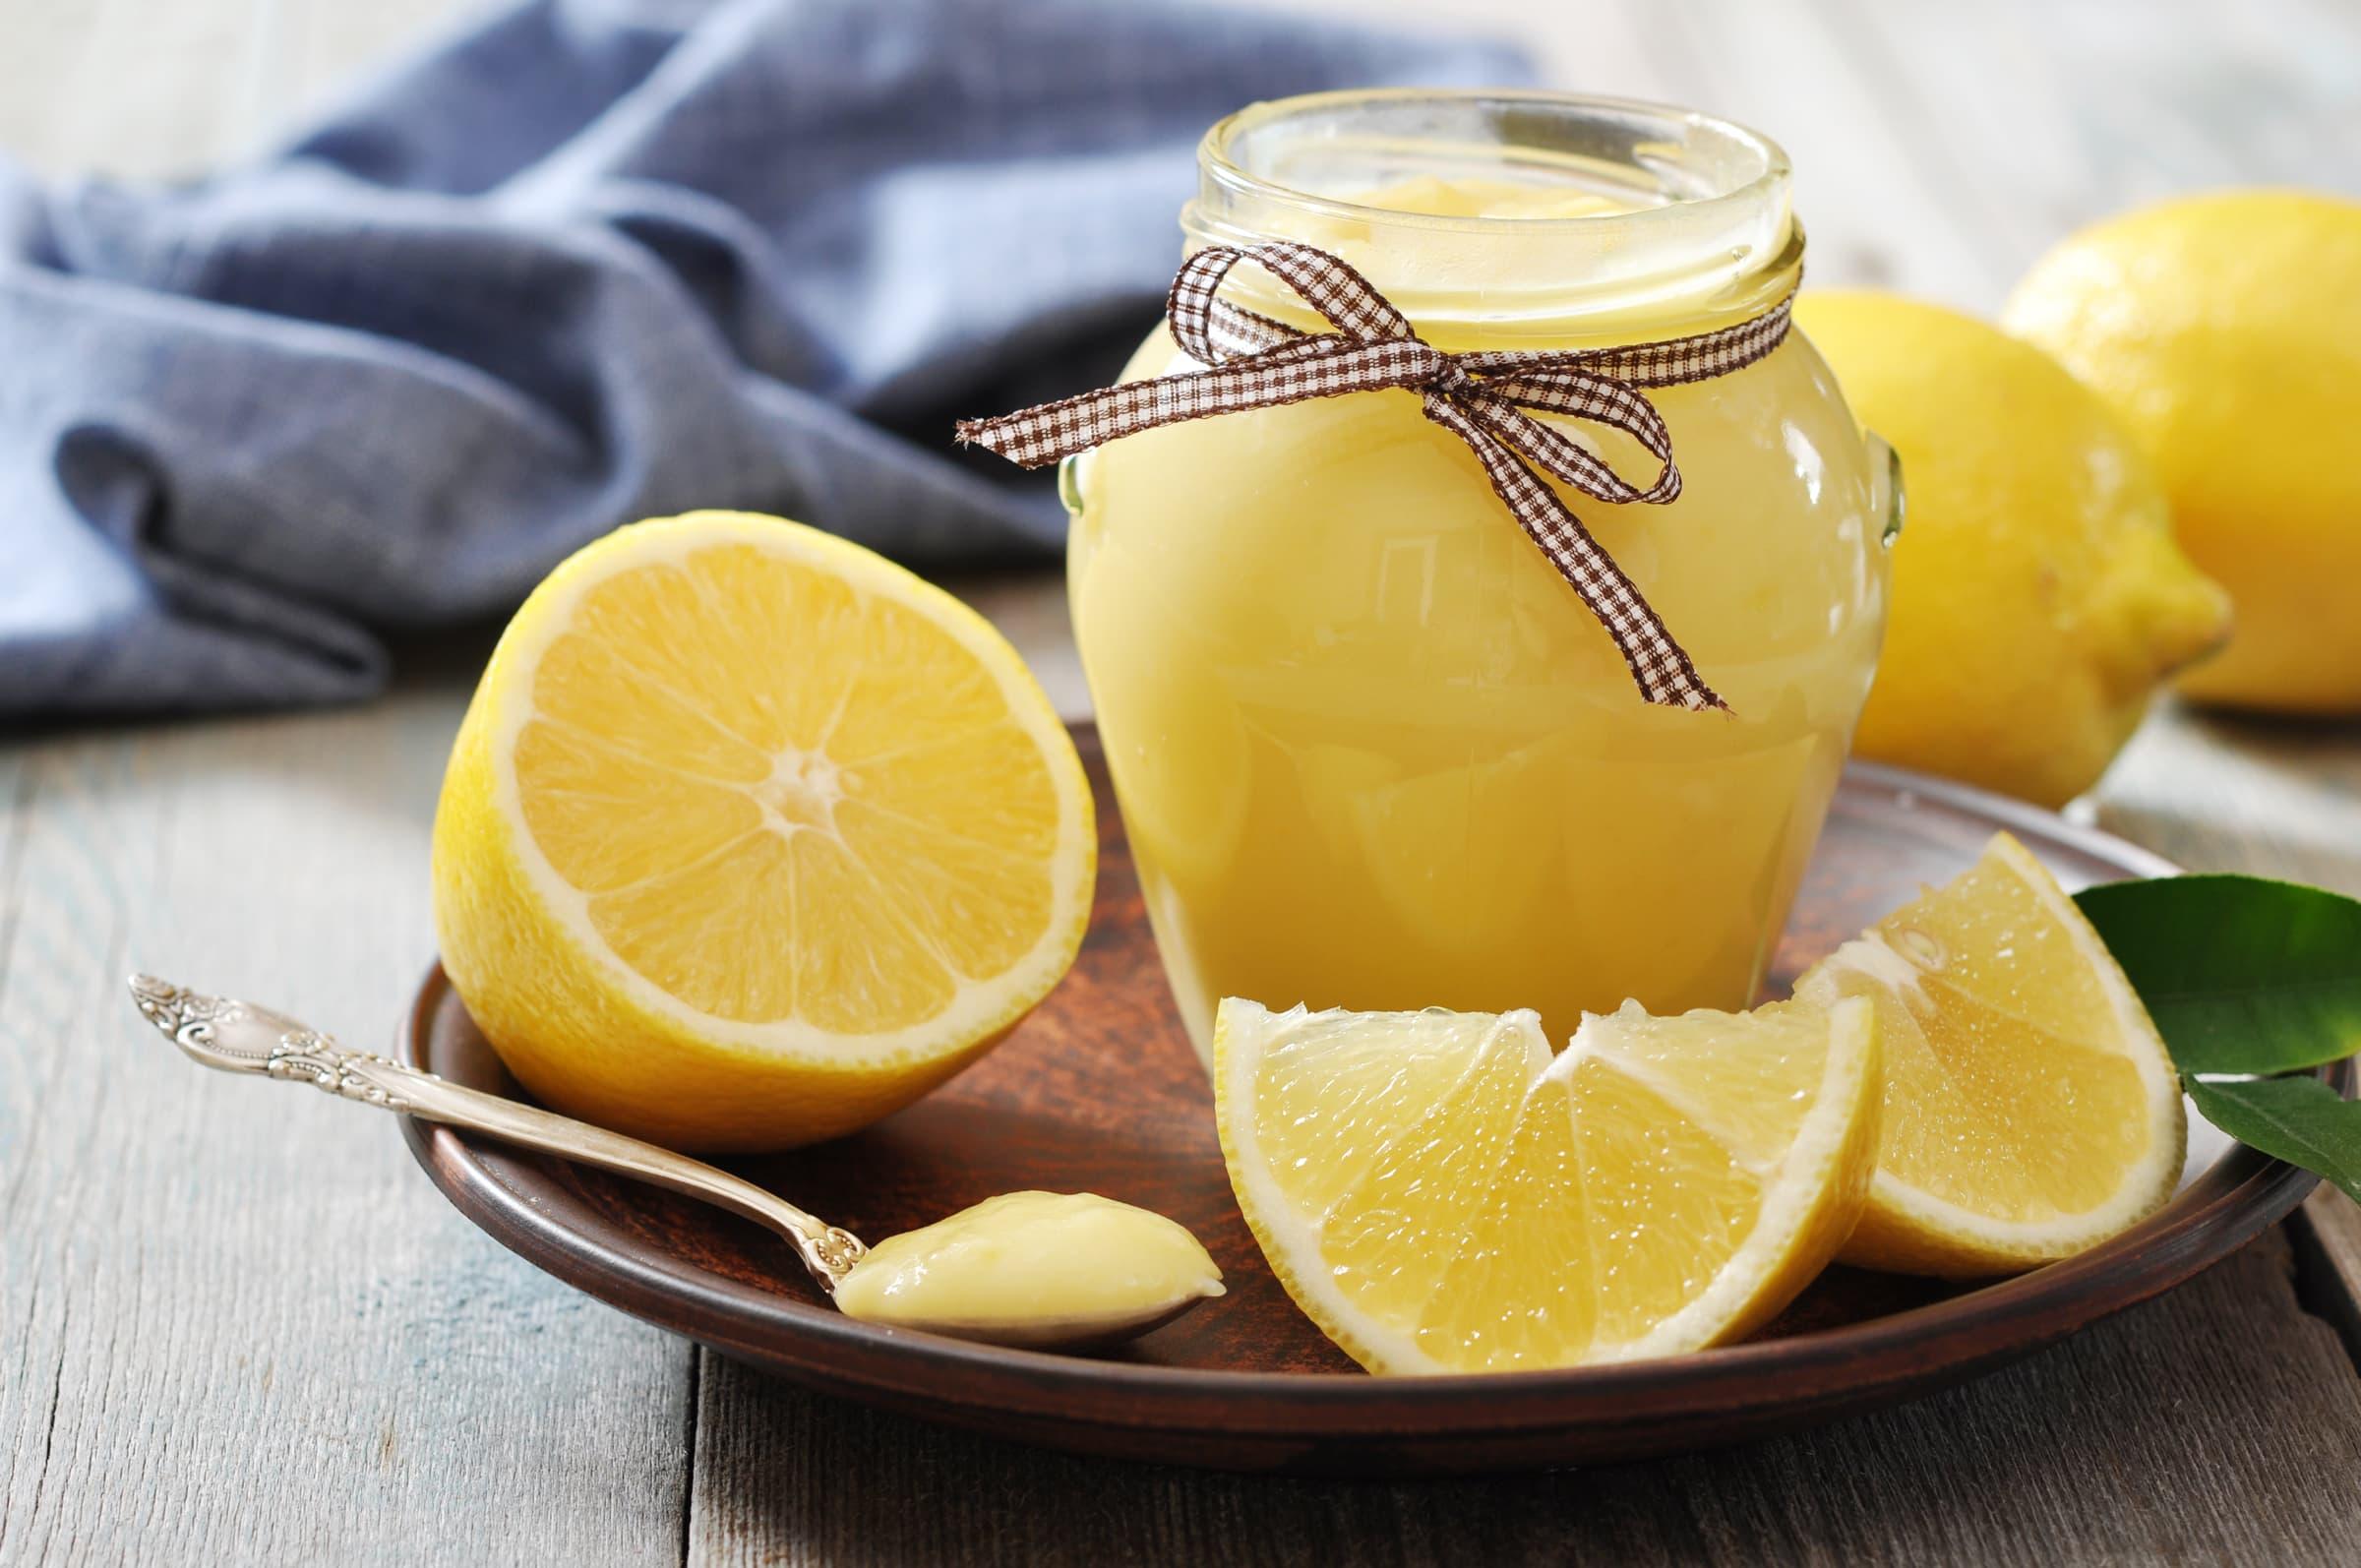 crema-al-limonejpg